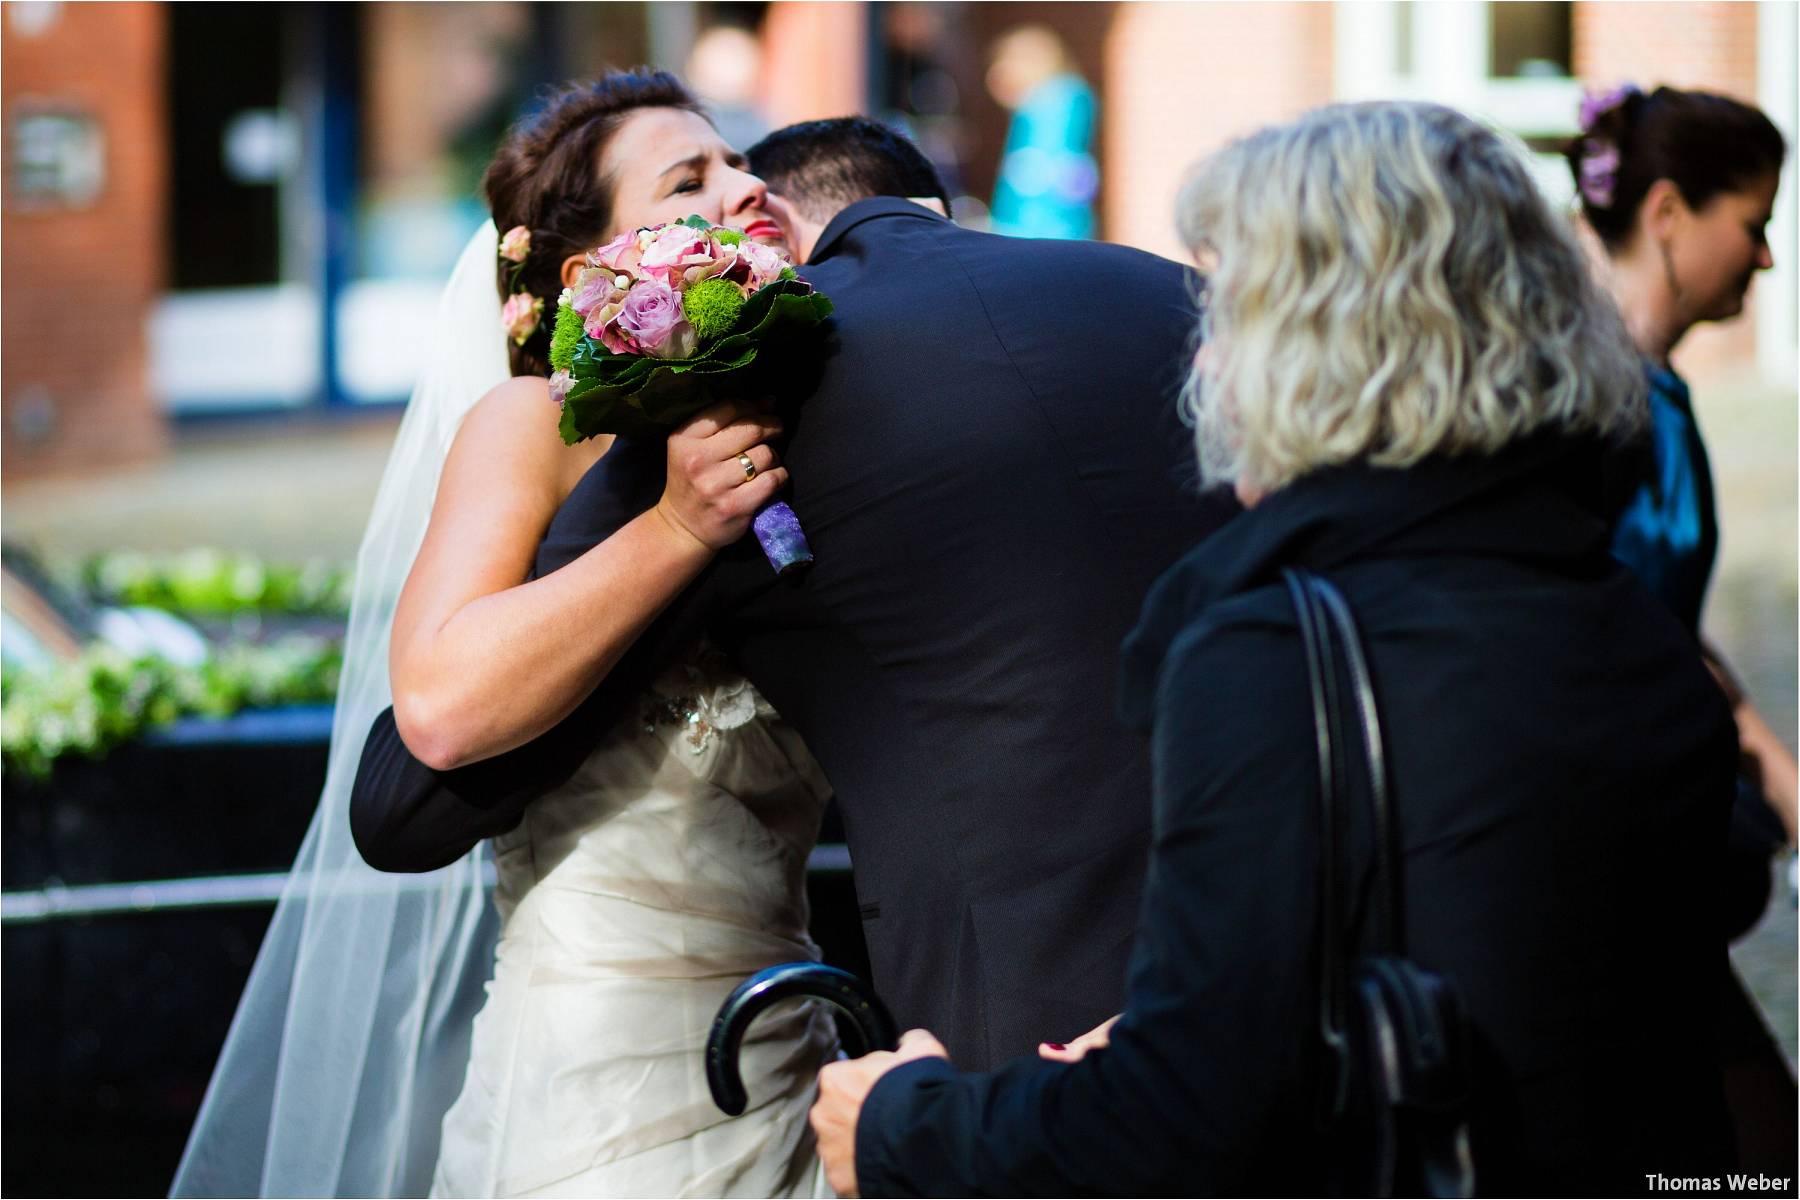 Hochzeitsfotograf Bremen: Kirchliche Trauung in der Propsteikirche St. Johann im Bremer Schnoor und Hochzeitsfeier bei Rogge Dünsen (15)